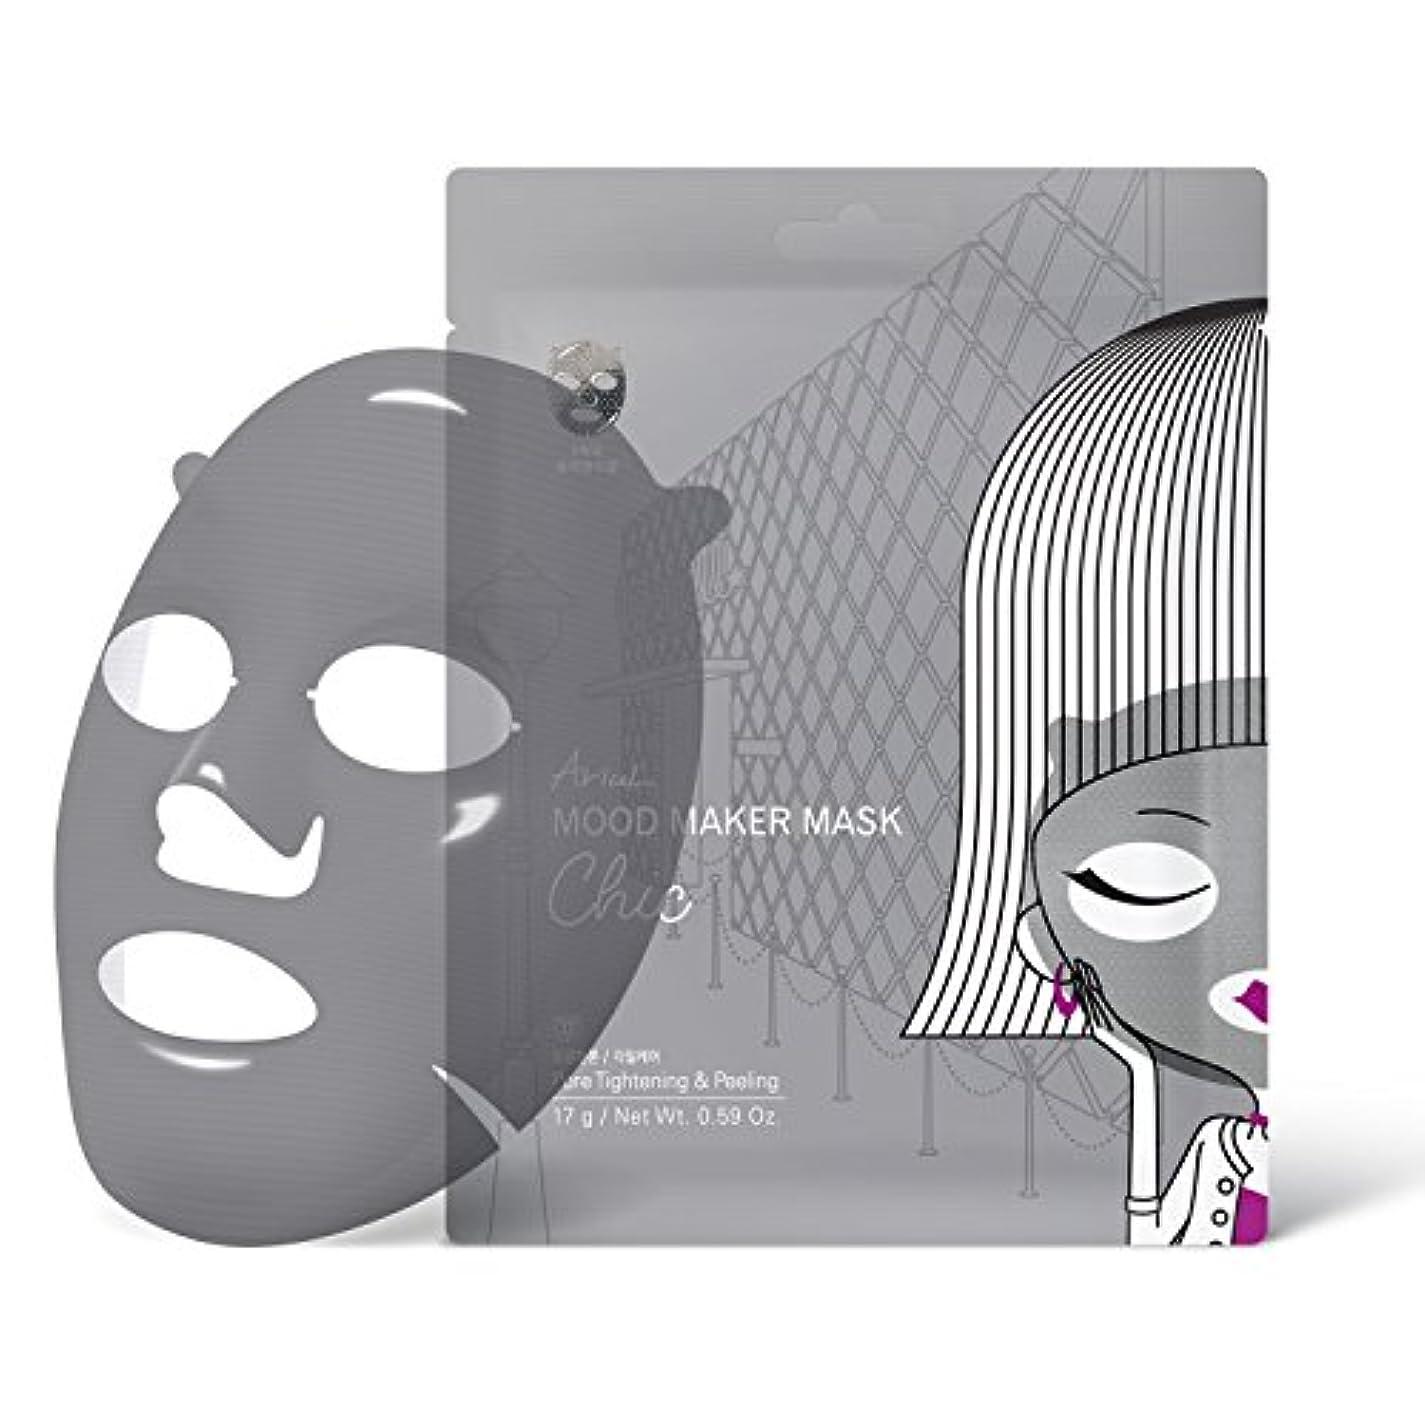 ラダタッチ振動させるアリウル ムードメーカーマスク シック 1枚入り